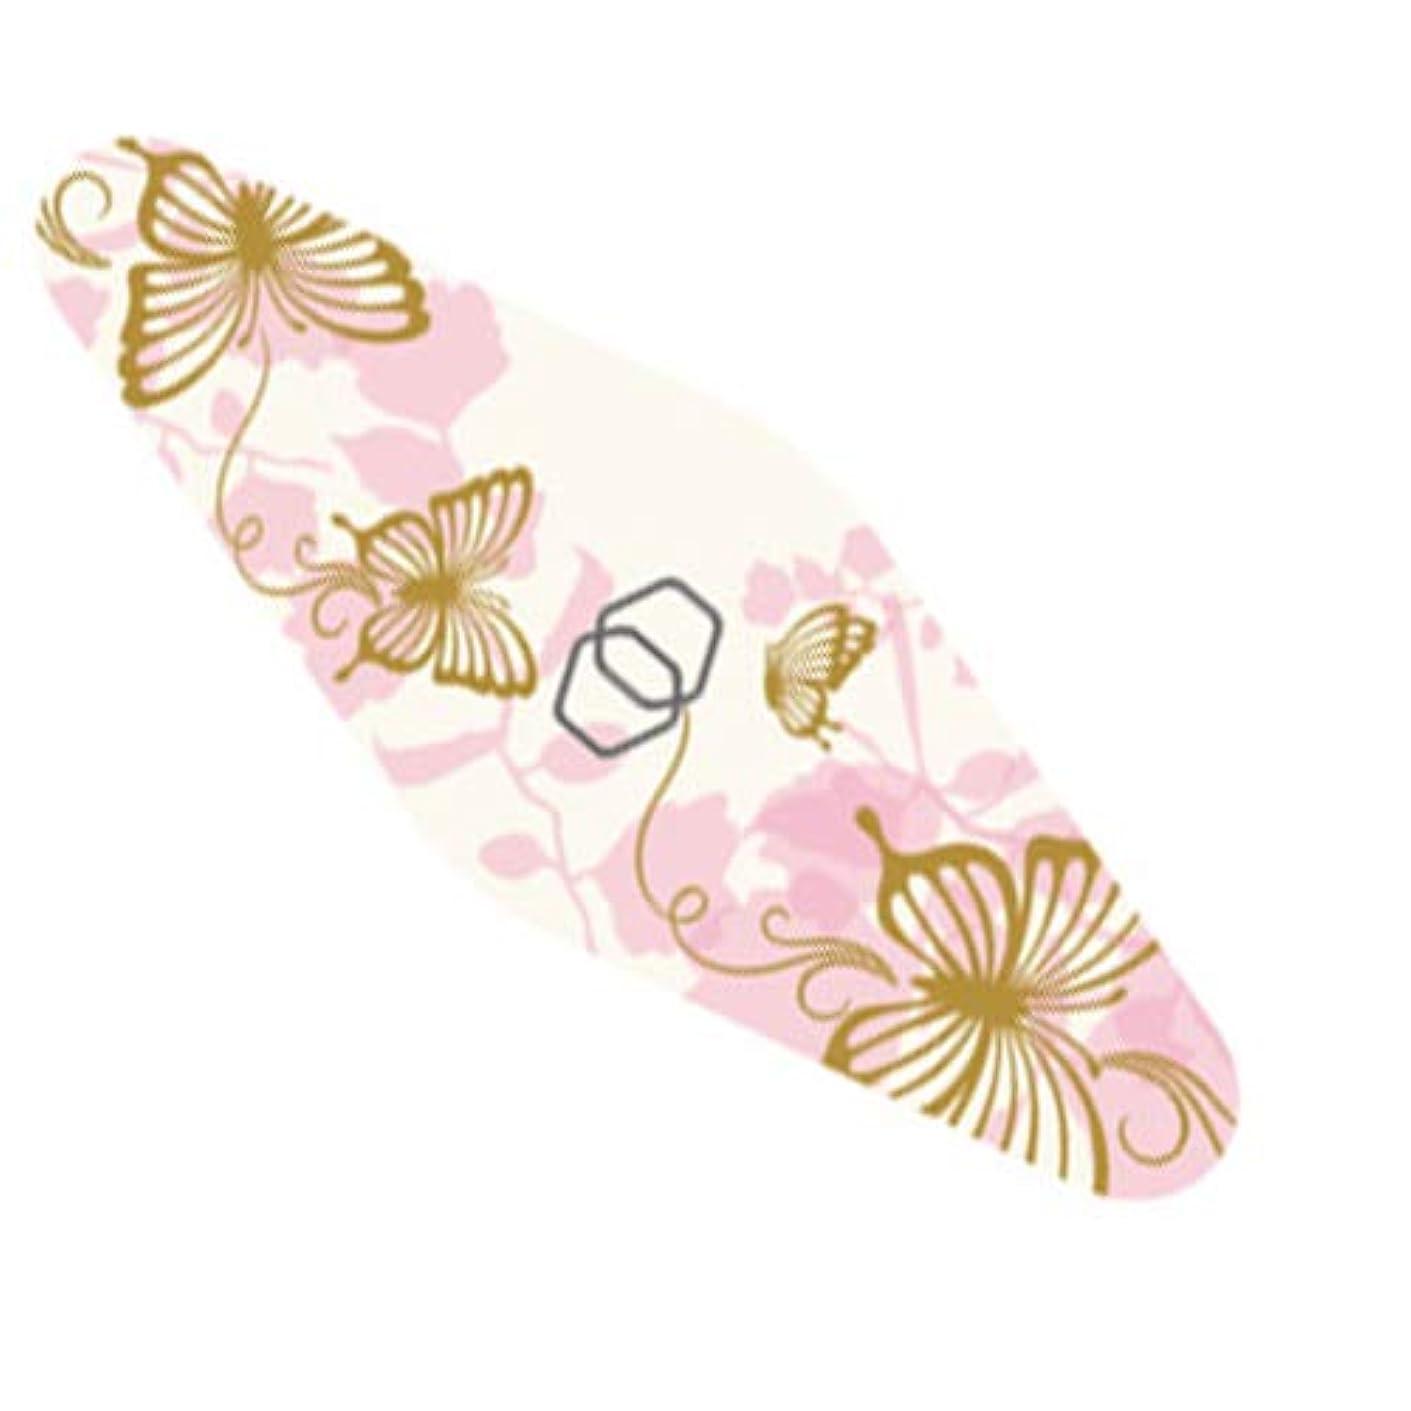 真鍮著作権血色の良いダイヤモンドネイルファイル キャリー ピンク蝶々